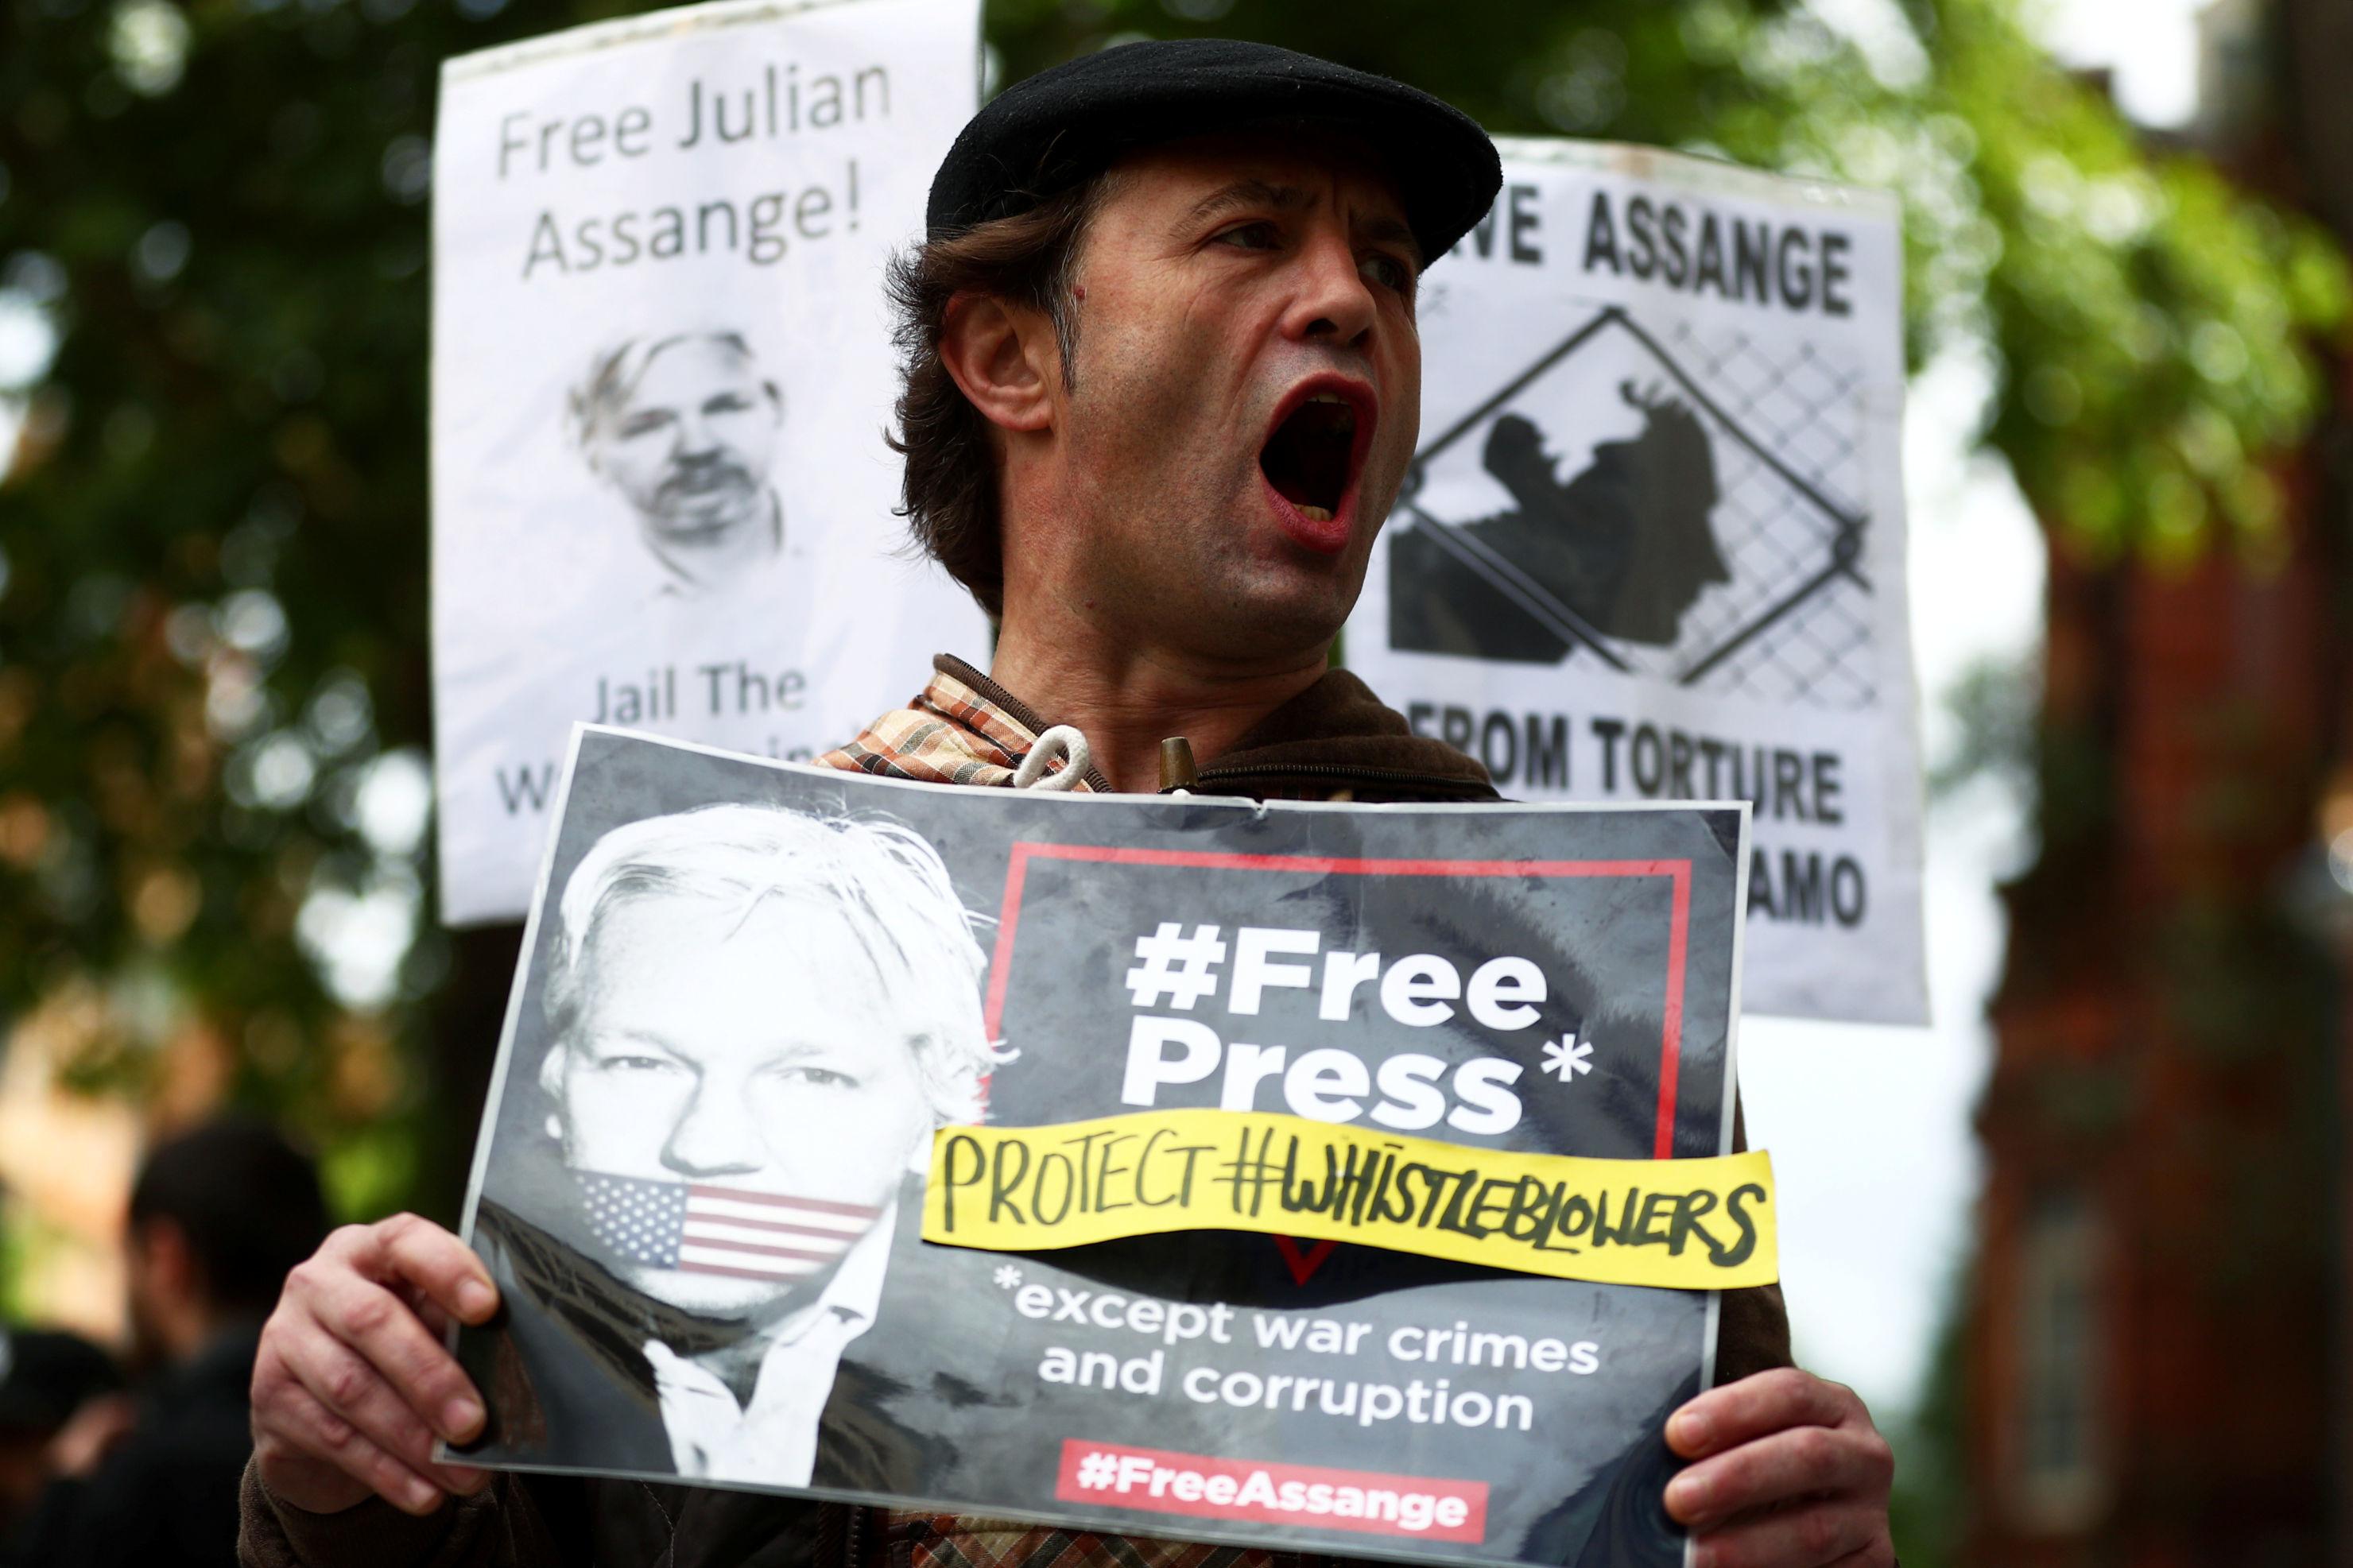 Una demostración frente a la Corte de Magistrados de Westminster a favor de la liberación de Julian Assange